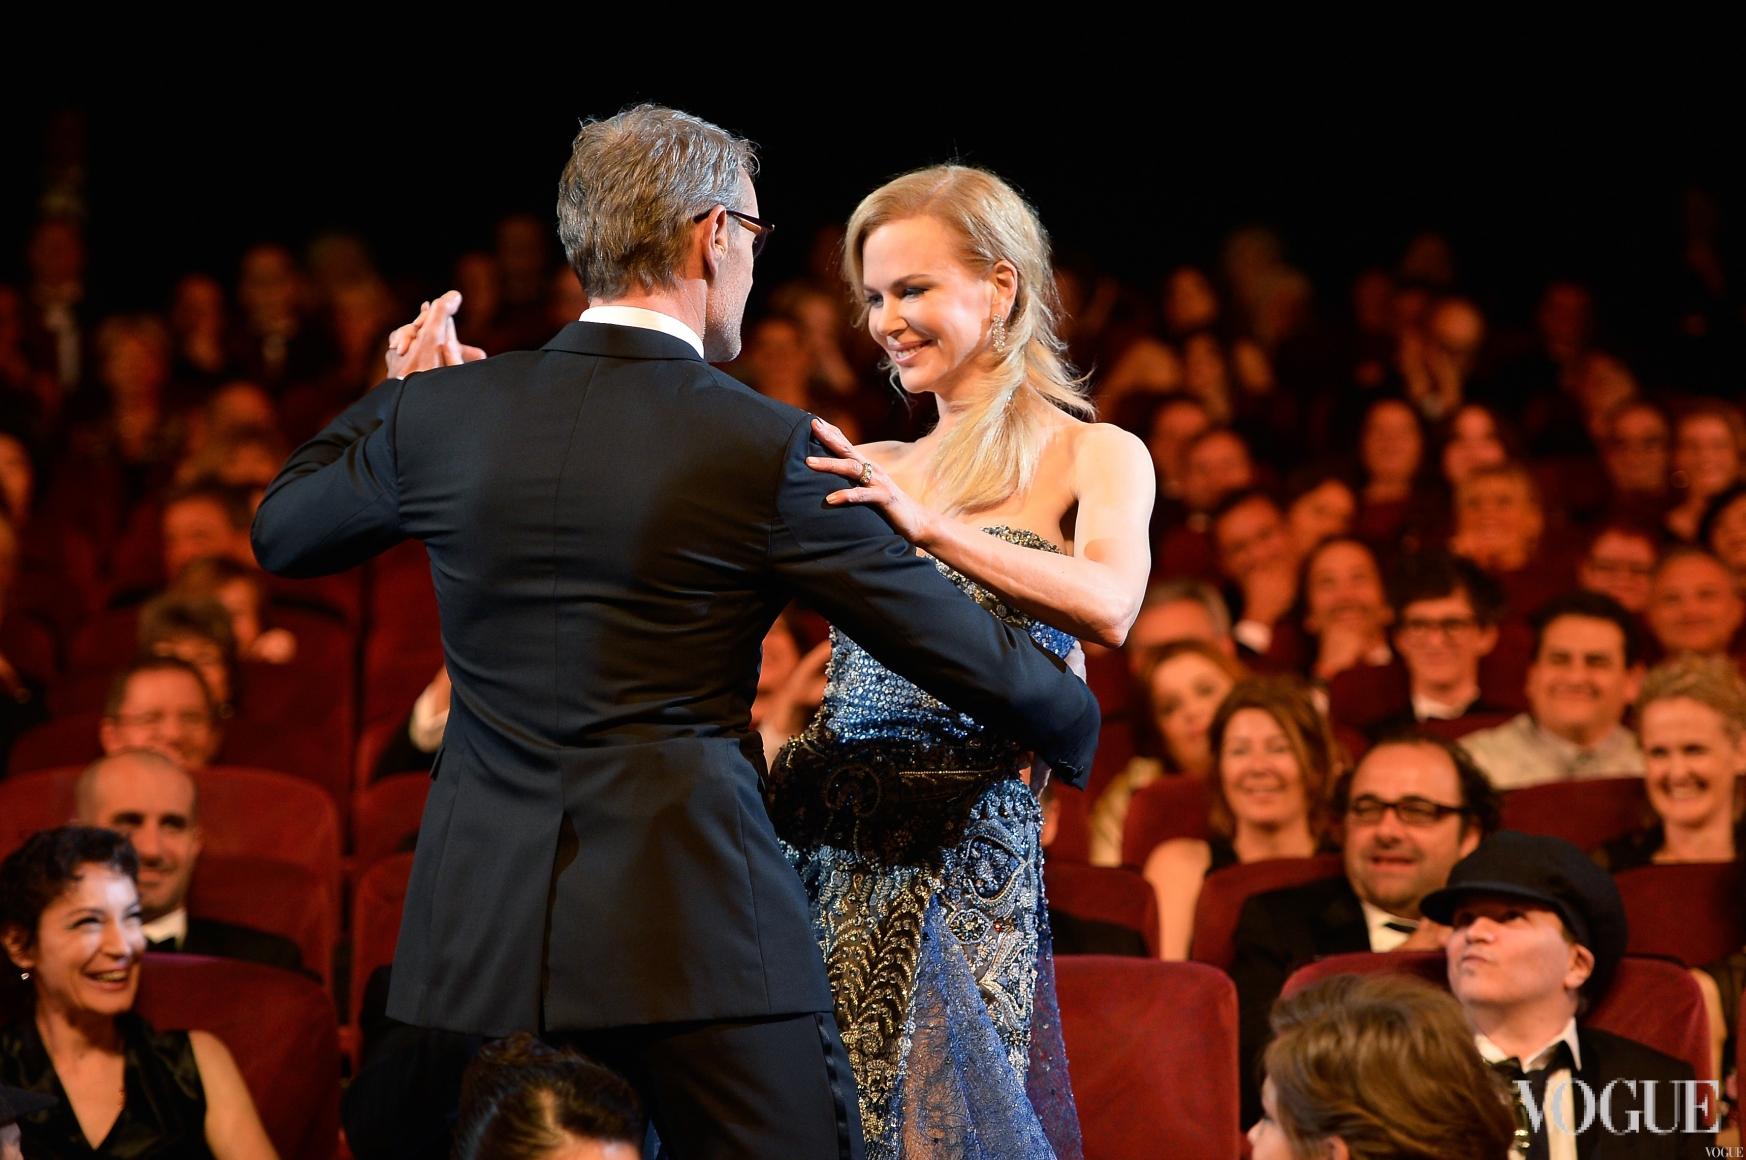 Николь Кидман танцует с Ламбертом Вильсоном, ведущим церемонии октрытия